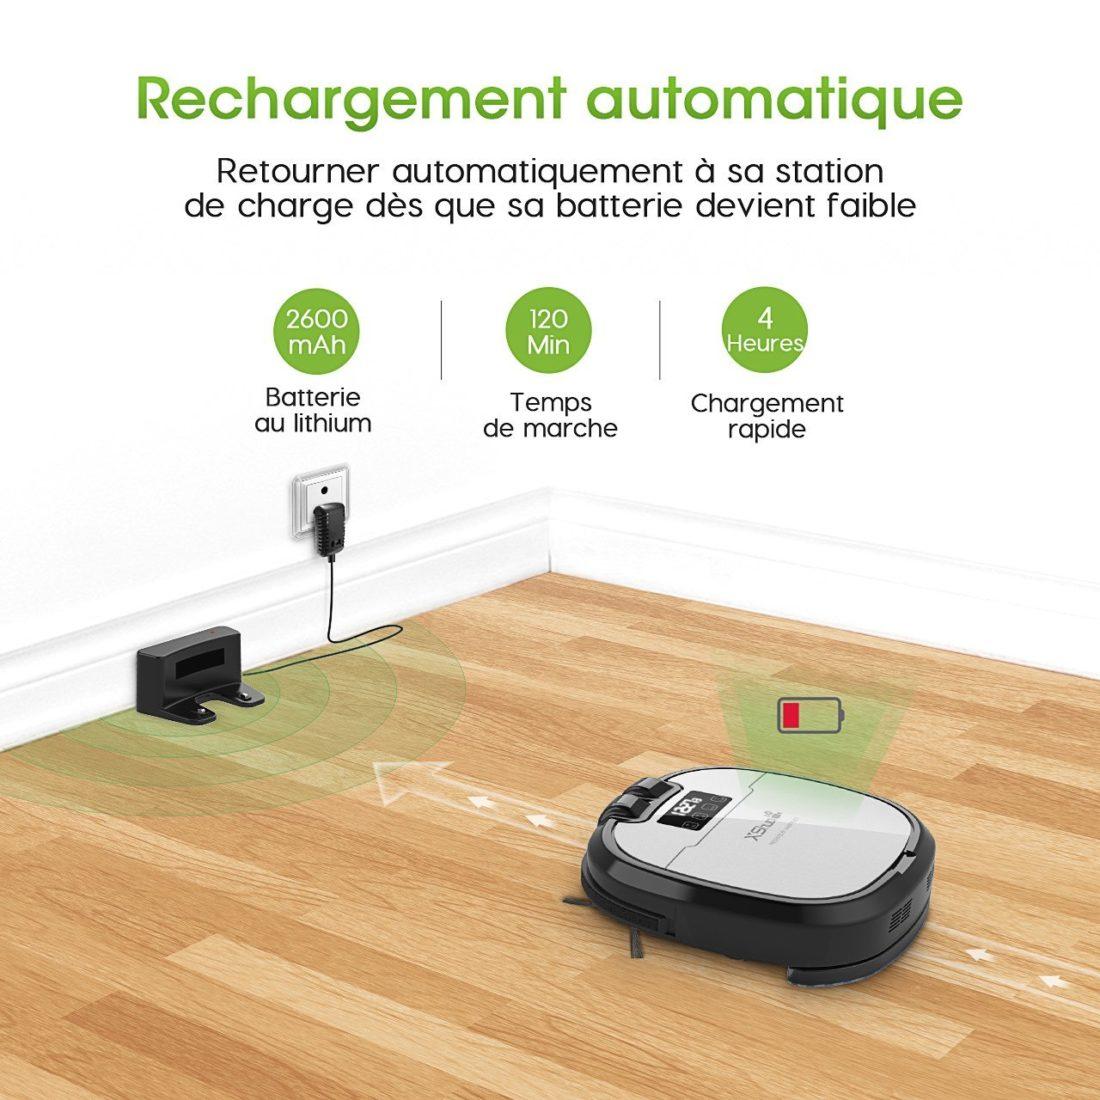 Holife propose un aspirateur robot connect sans fil - Objet connecte sans fil ...